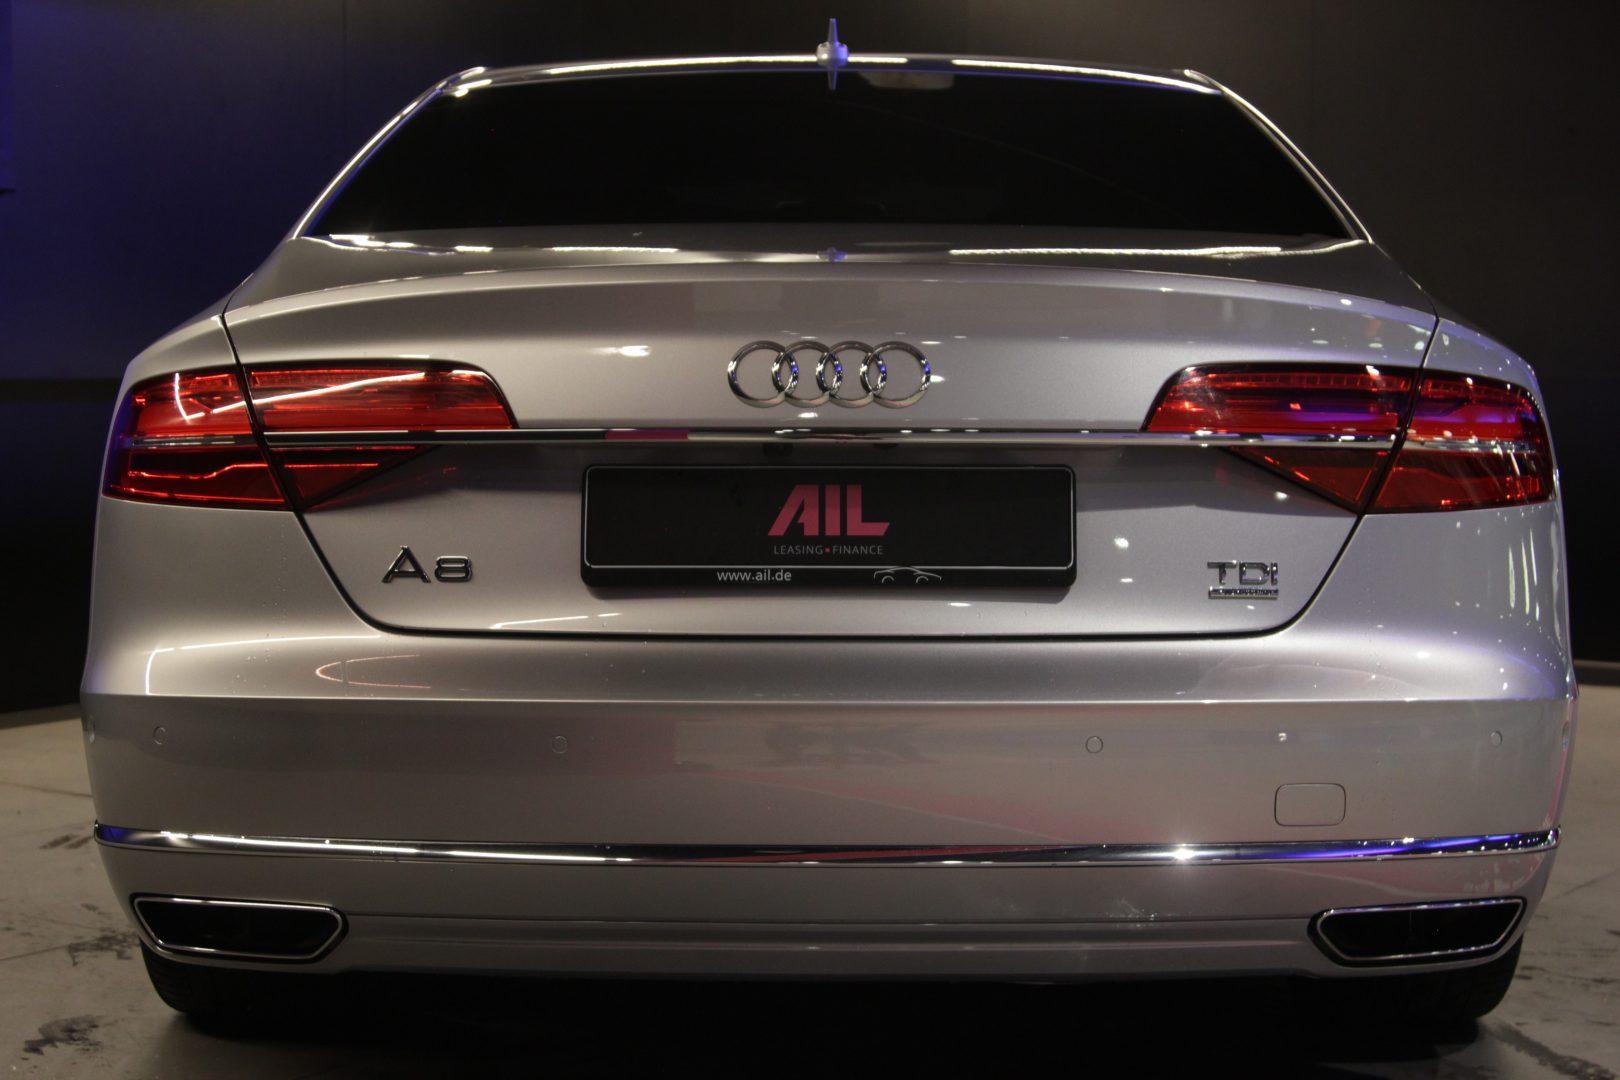 AIL Audi A8 3.0 TDI  quattro 8